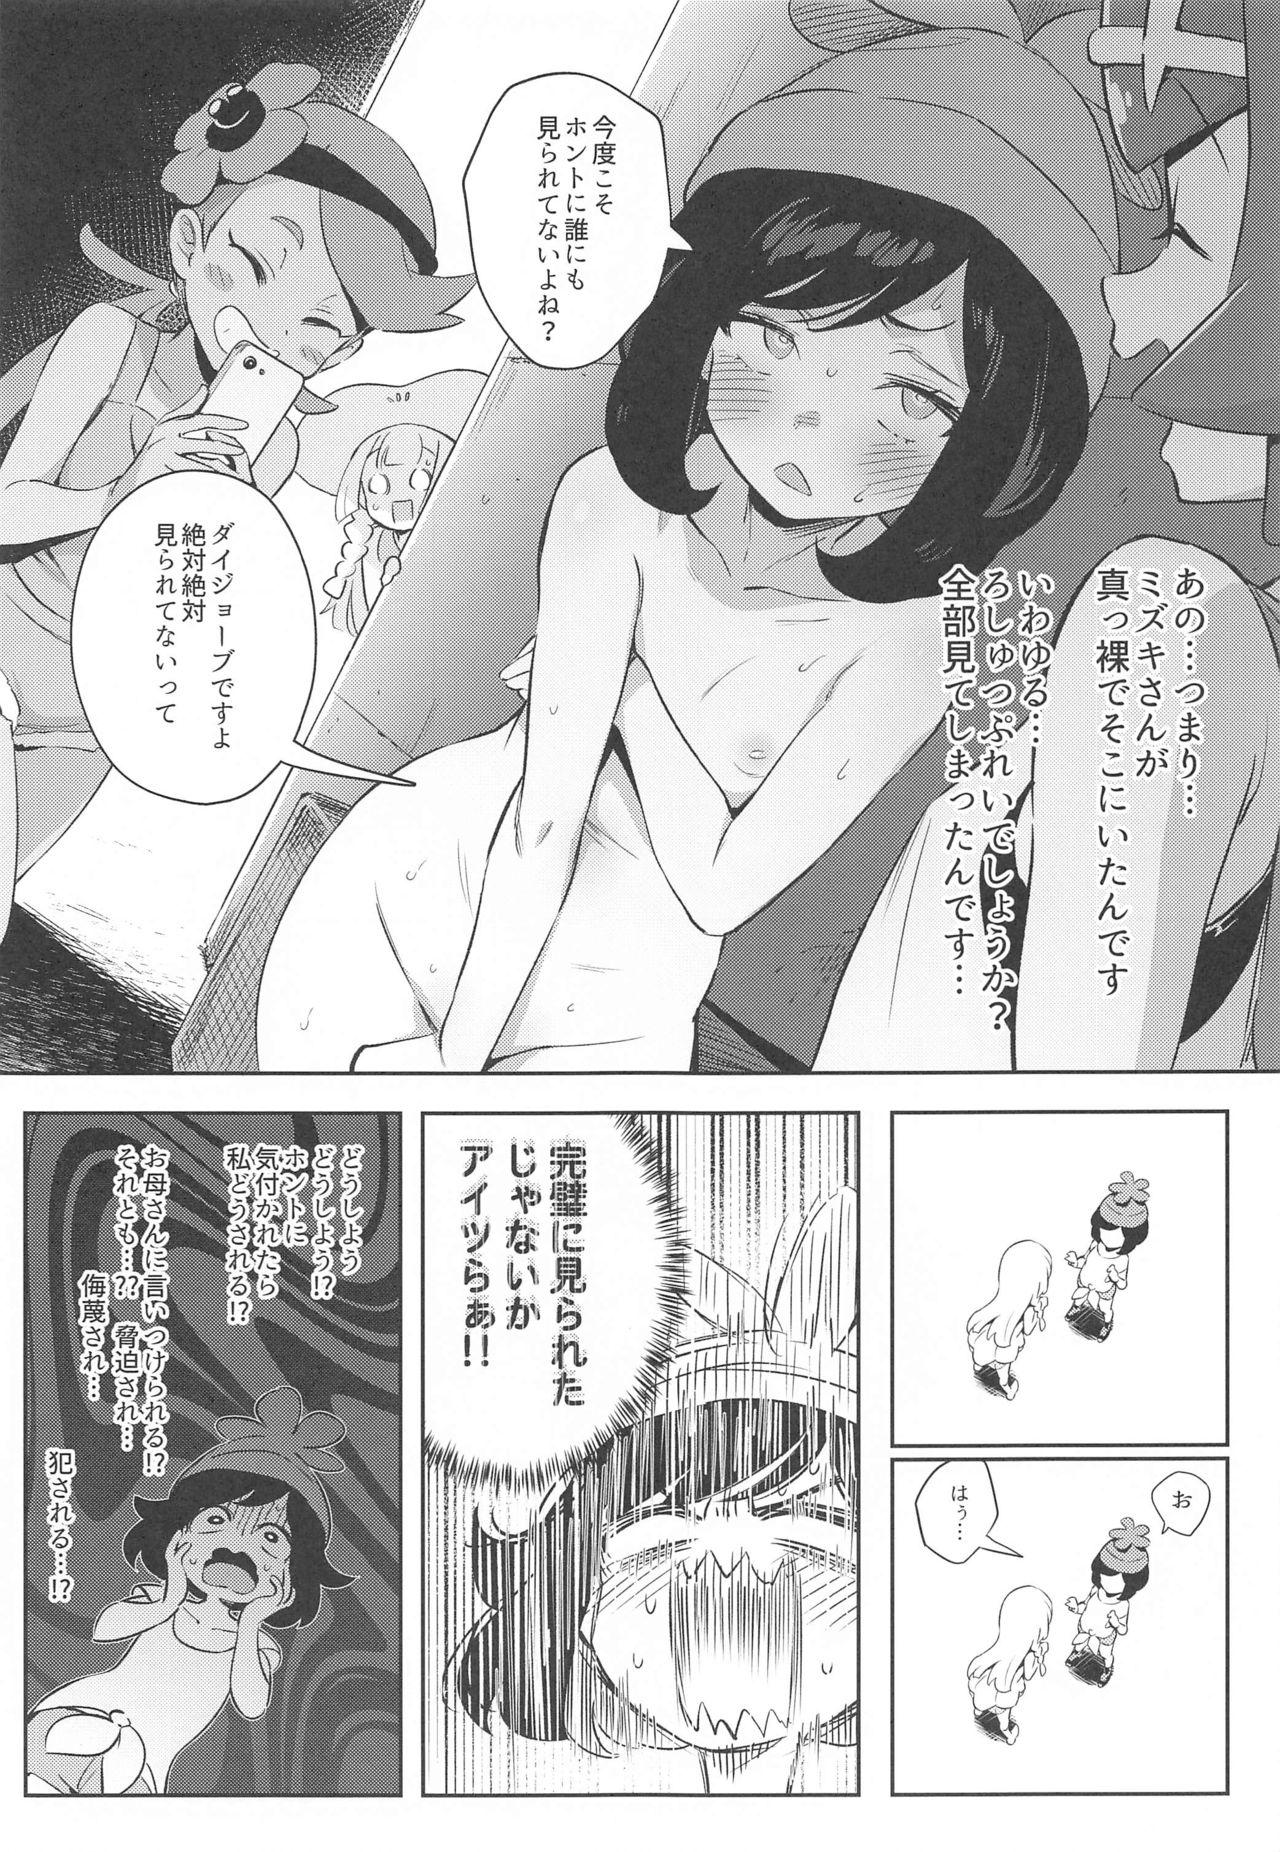 Onnanoko-tachi no Himitsu no Bouken 2 4